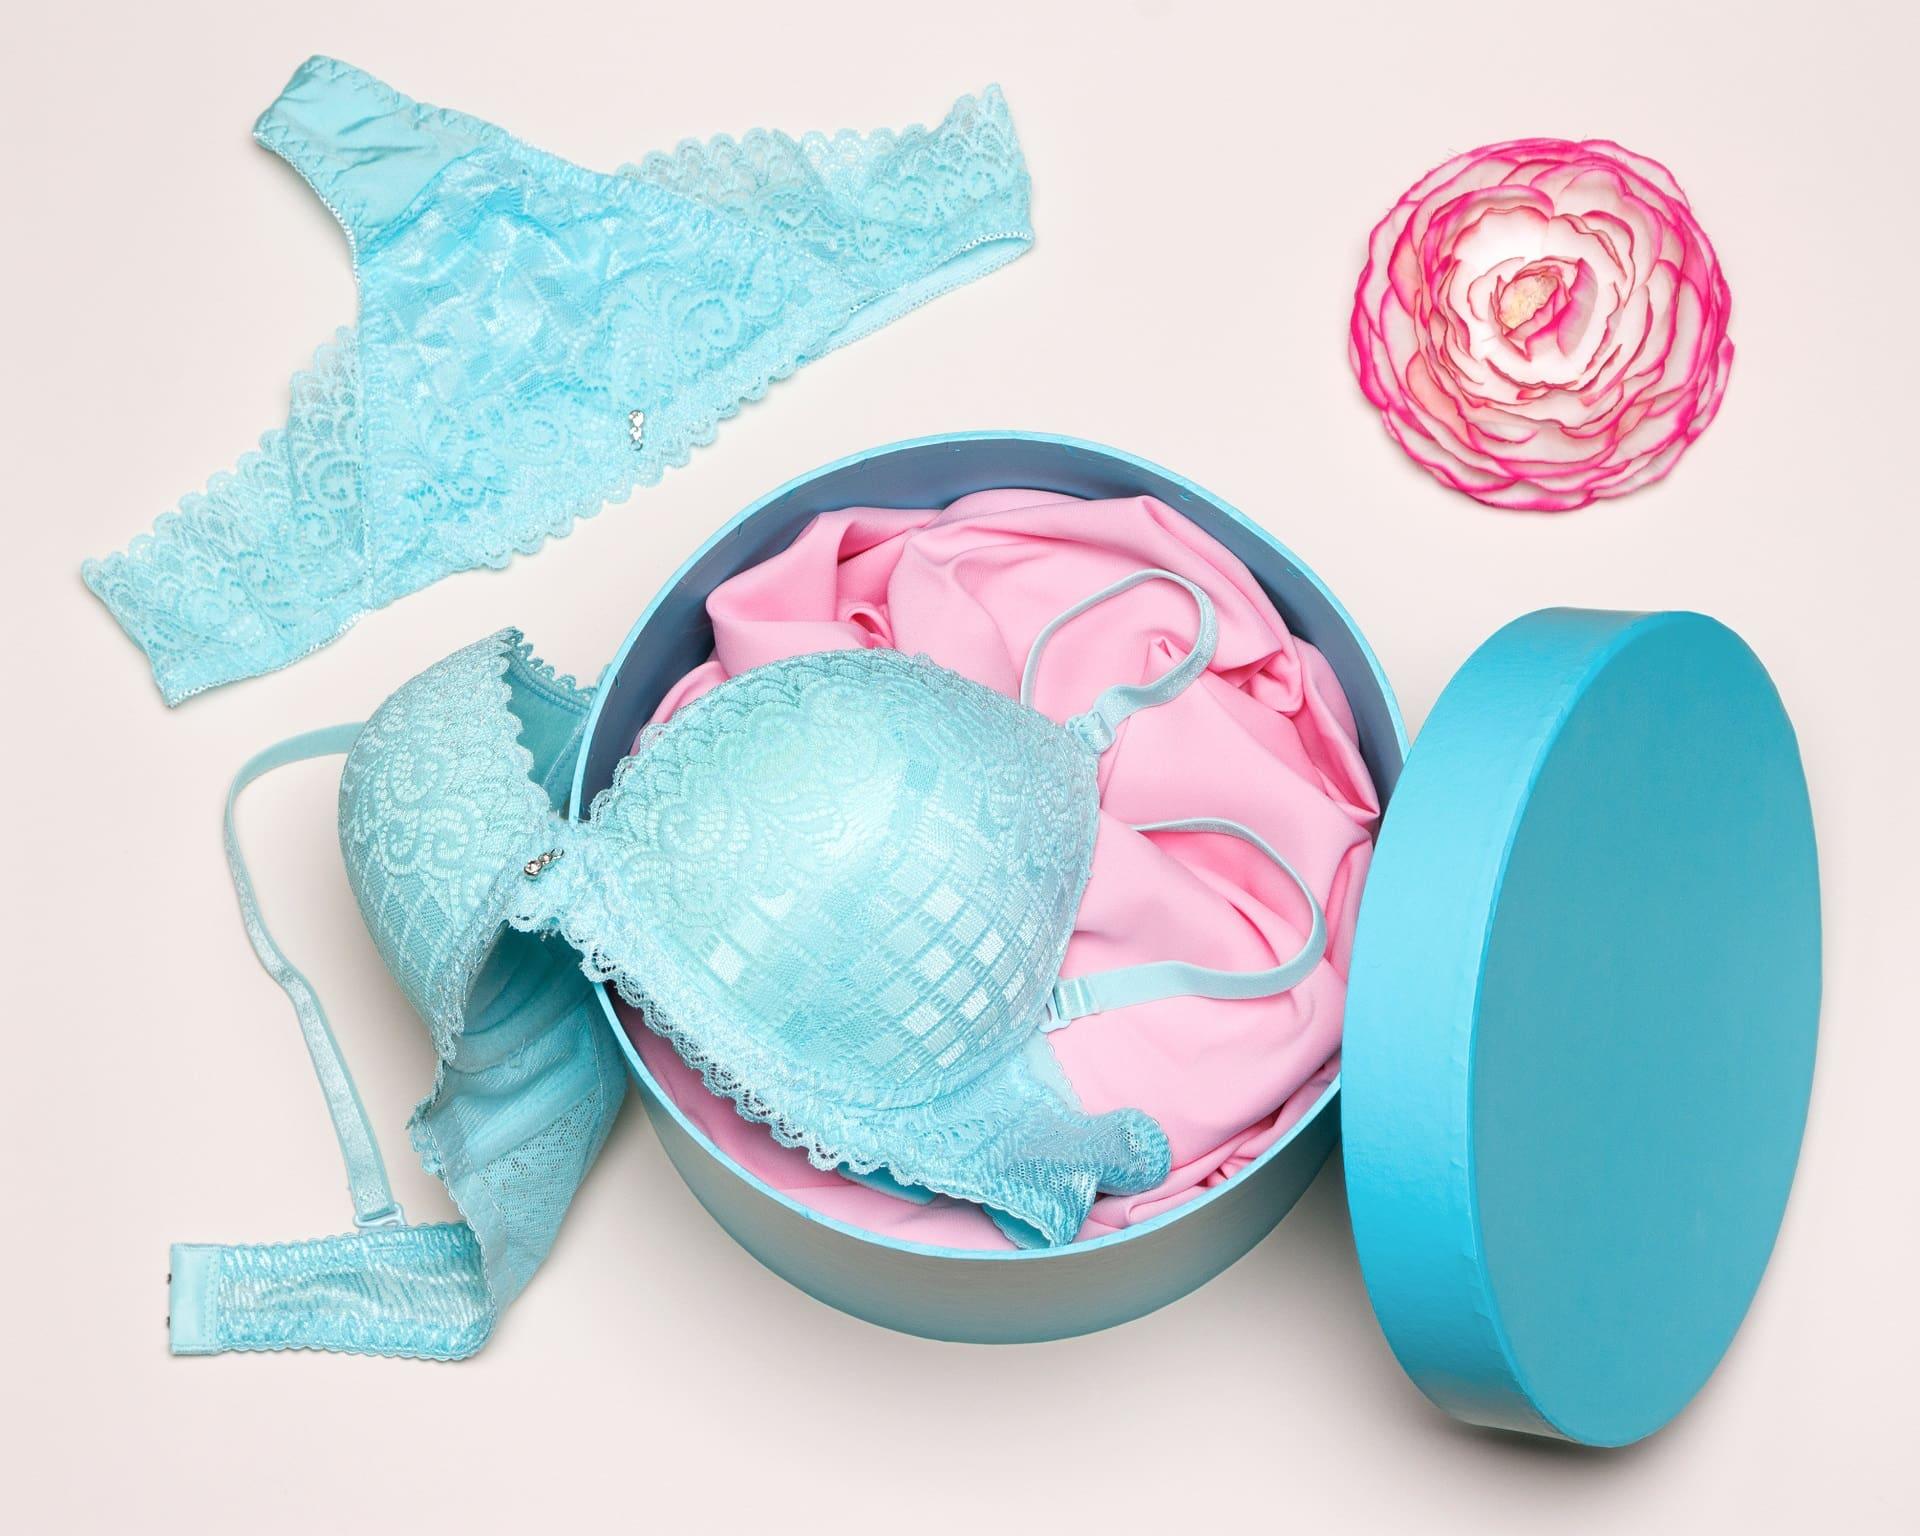 underwear dream meaning, dream about underwear, underwear dream interpretation, seeing in a dream underwear